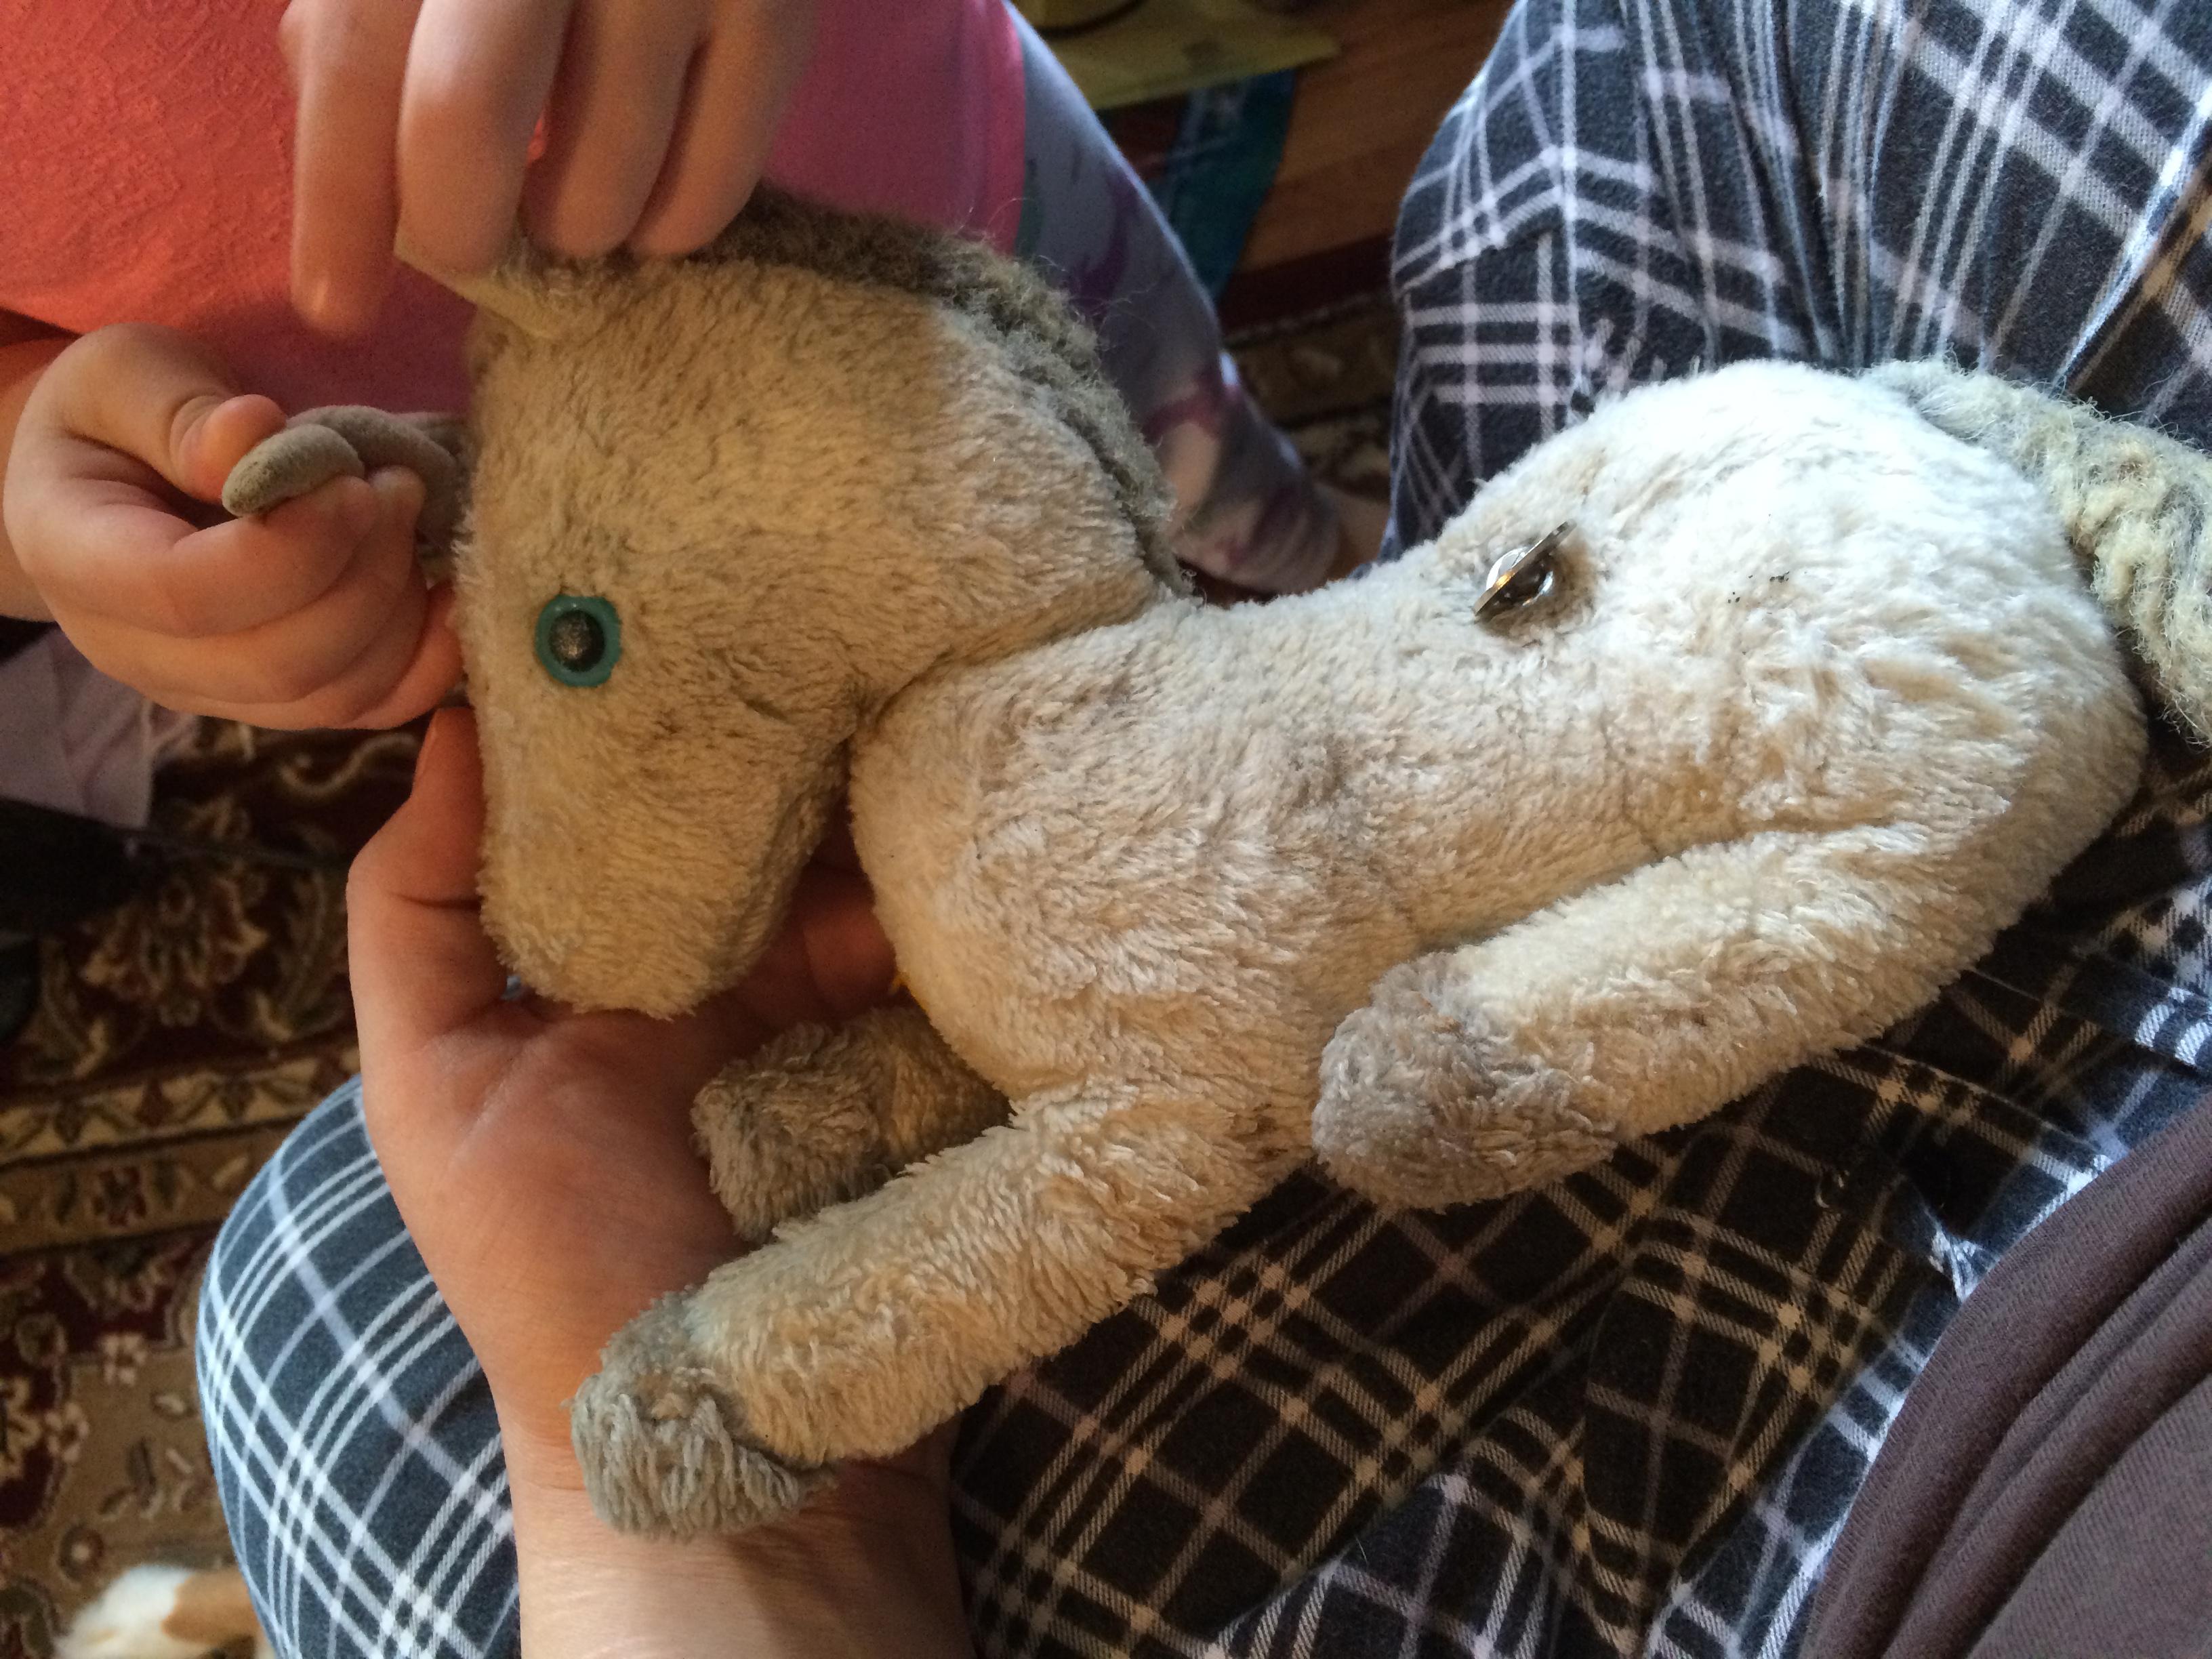 7403b533b Repairing a Beloved Stuffed Animal - whileshenaps.com